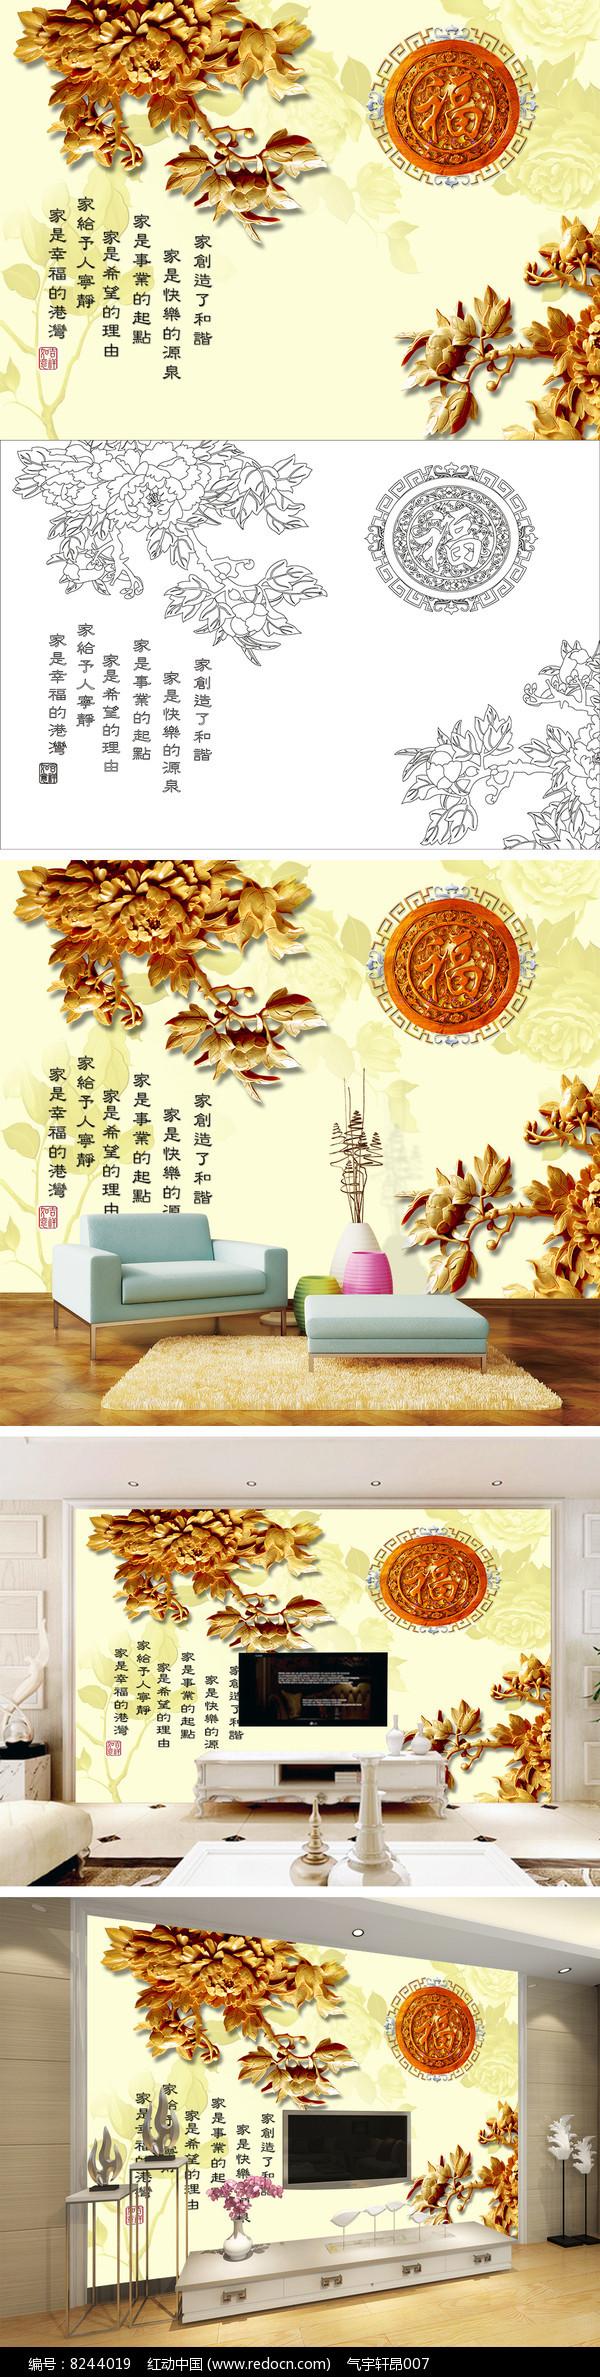 中式福木雕牡丹电视背景墙带路径图片